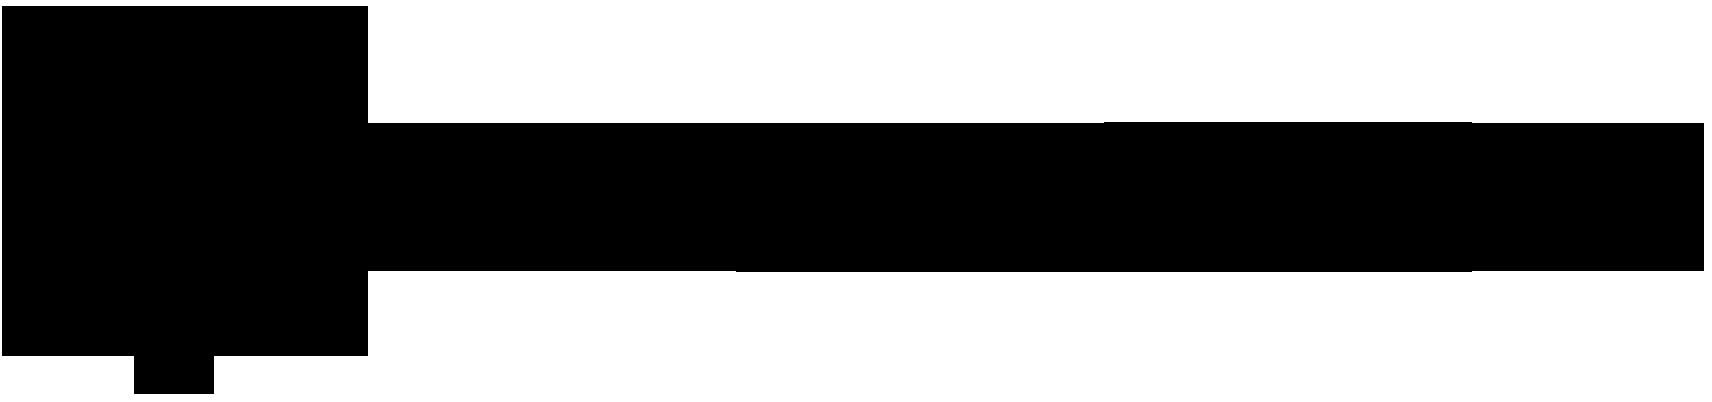 logo_1712x402.png